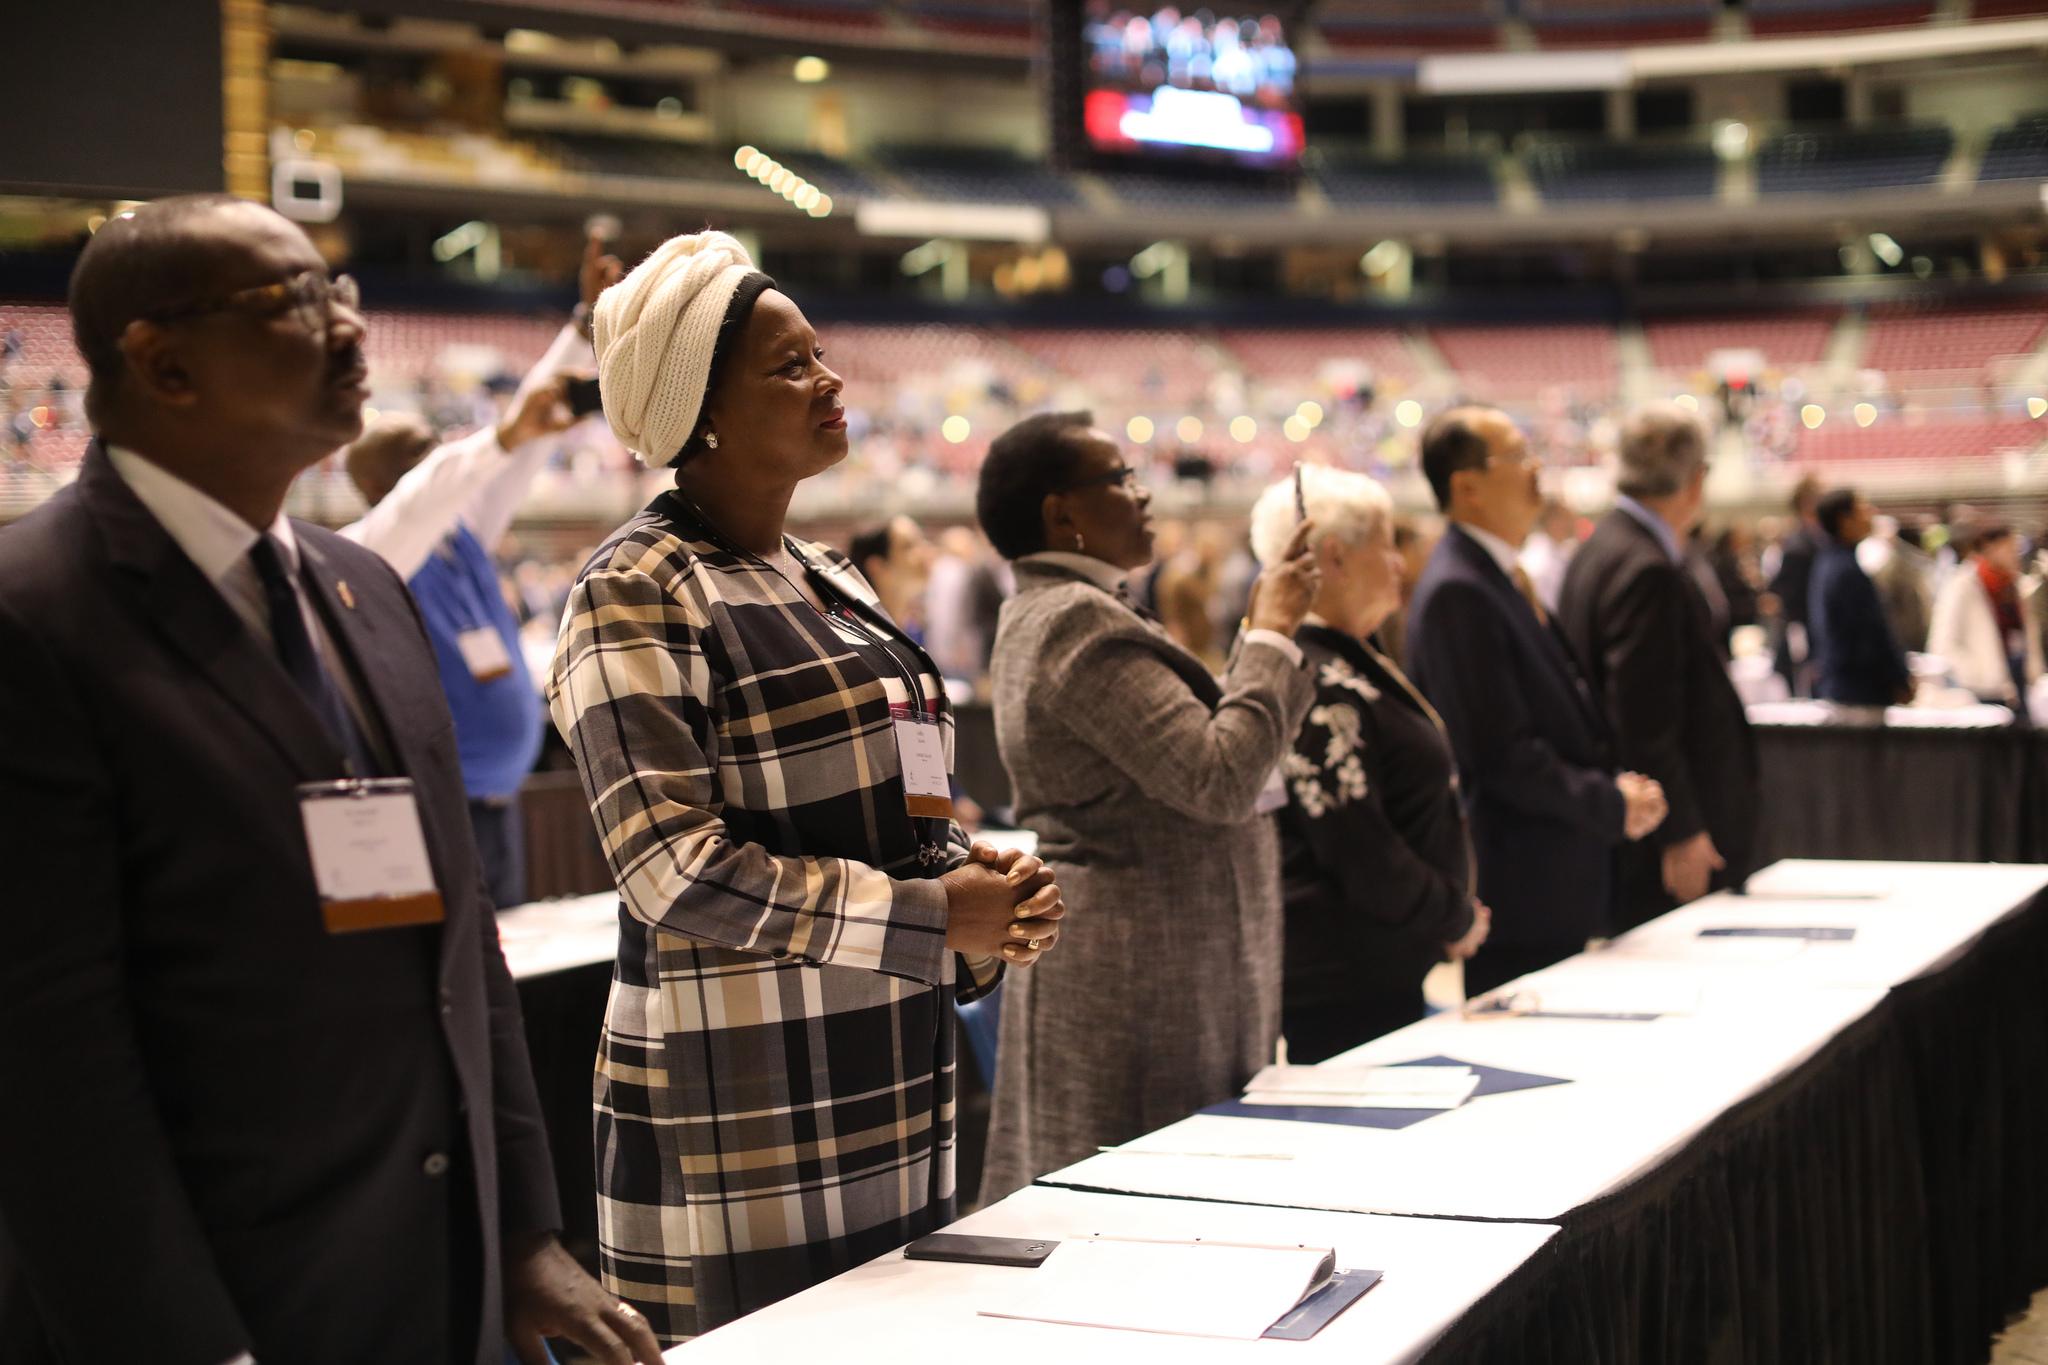 Miembros del Concilio Judicial durante la oración en la mañana del 23 de febrero en la Sesión Especial de la Conferencia General Metodista Unida de 2019, celebrada en San t. Louis. Foto por Kathleen Barry, SMUN